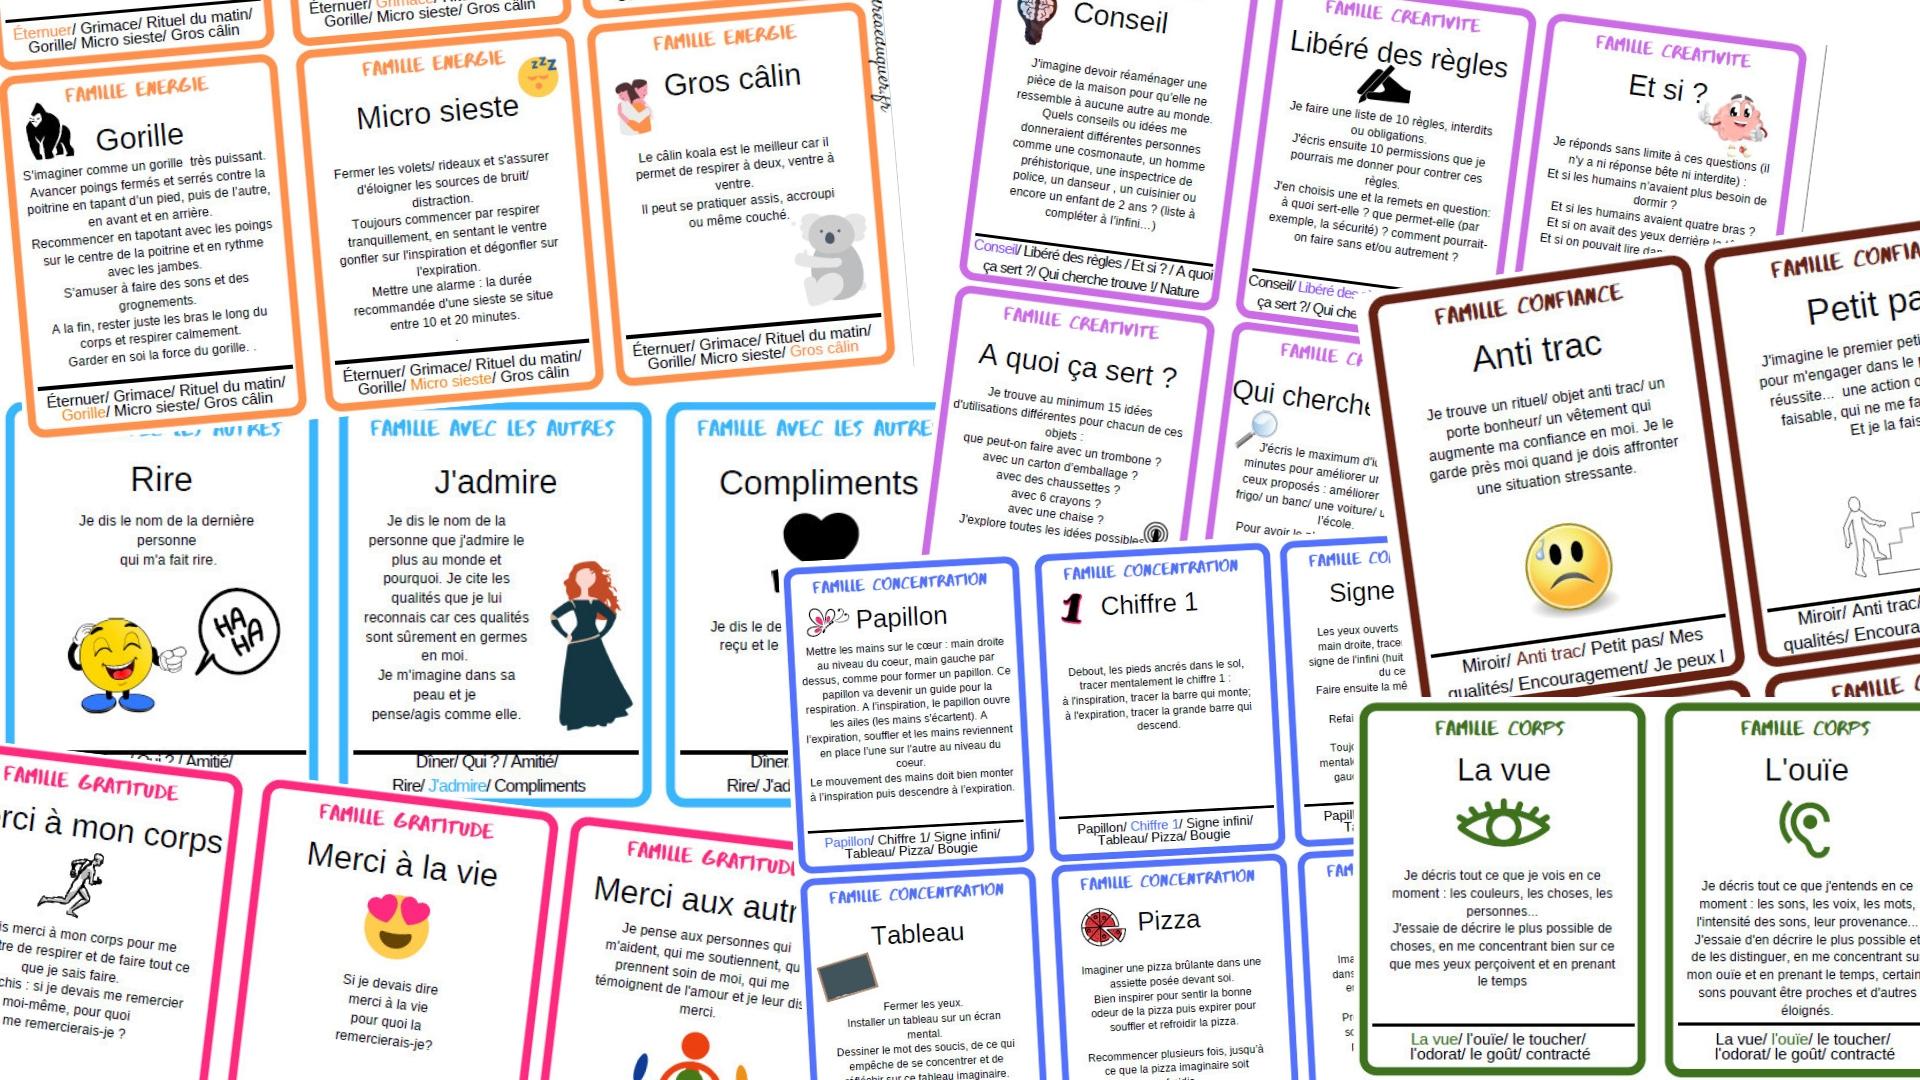 Un Jeu Pour S'épanouir Et Renforcer Les Liens Familiaux concernant Jeux De Concentration À Imprimer